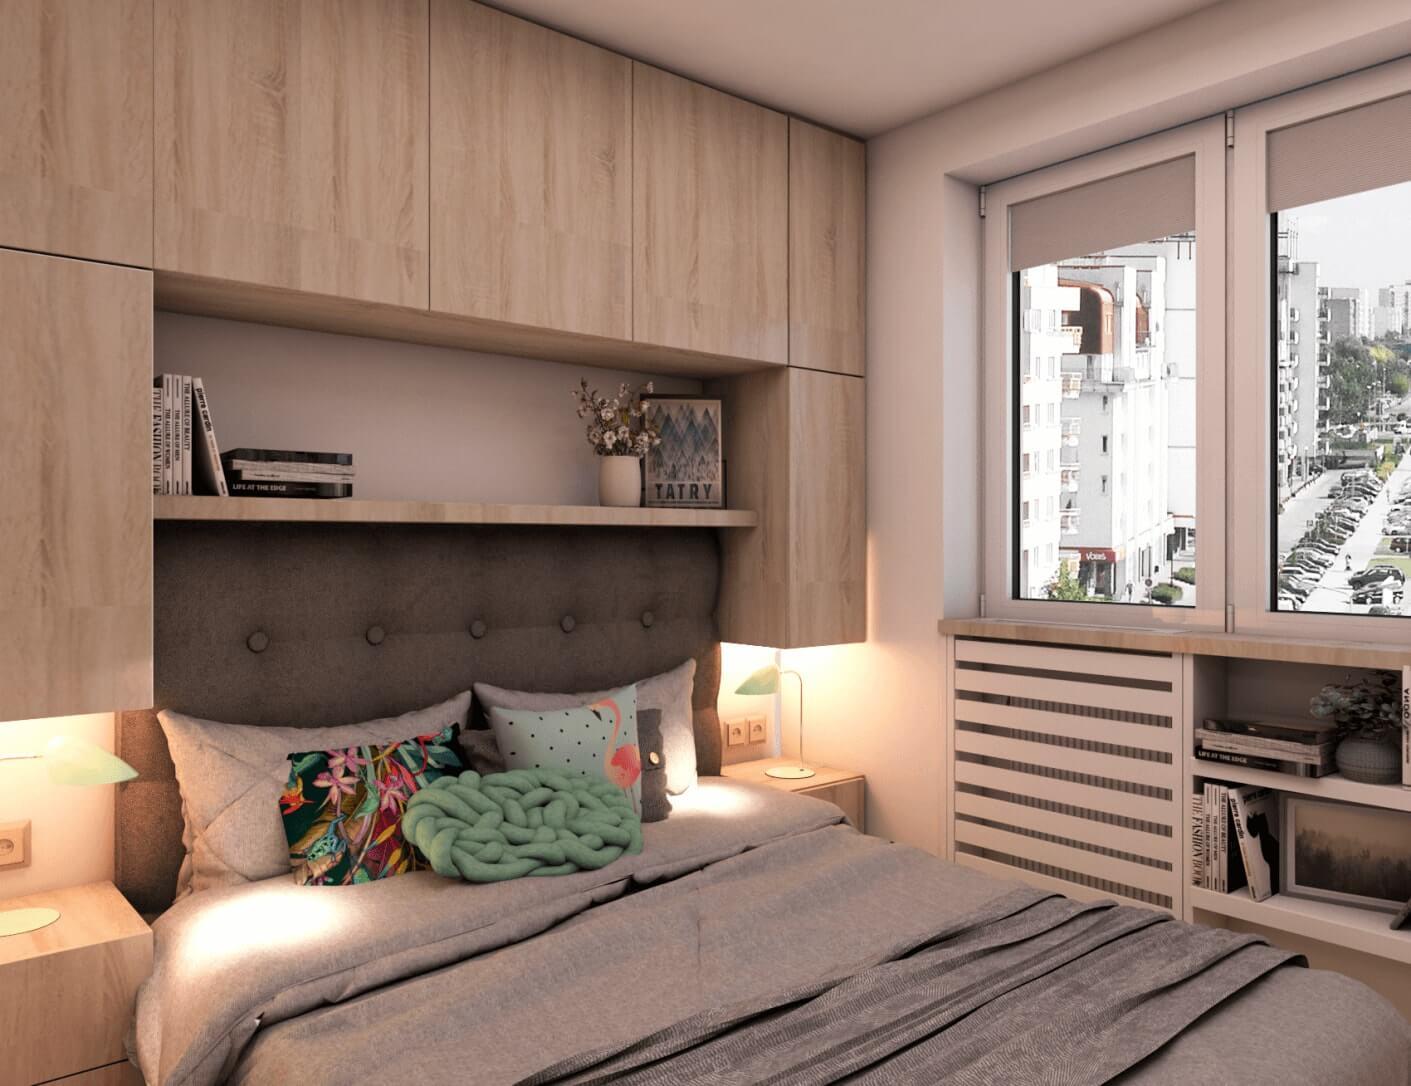 mieszkanielata60-1